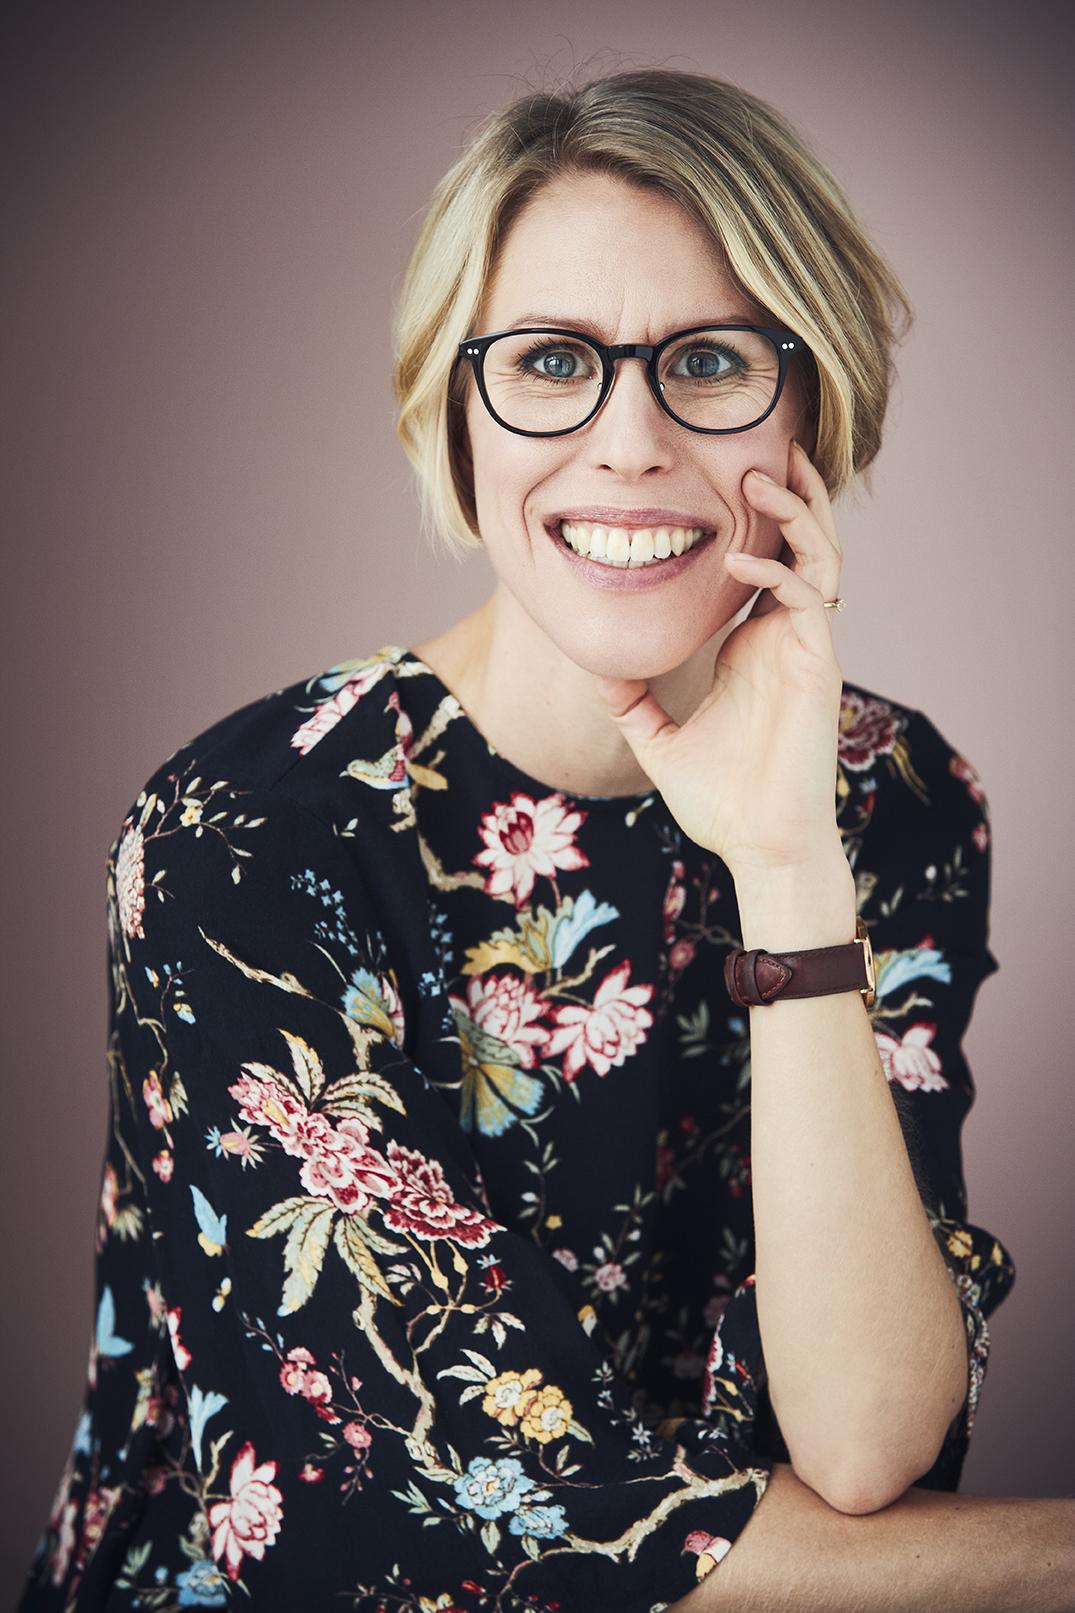 Billede af Karina Baagø, som er forfatter til bogen Madpakker uden gluten